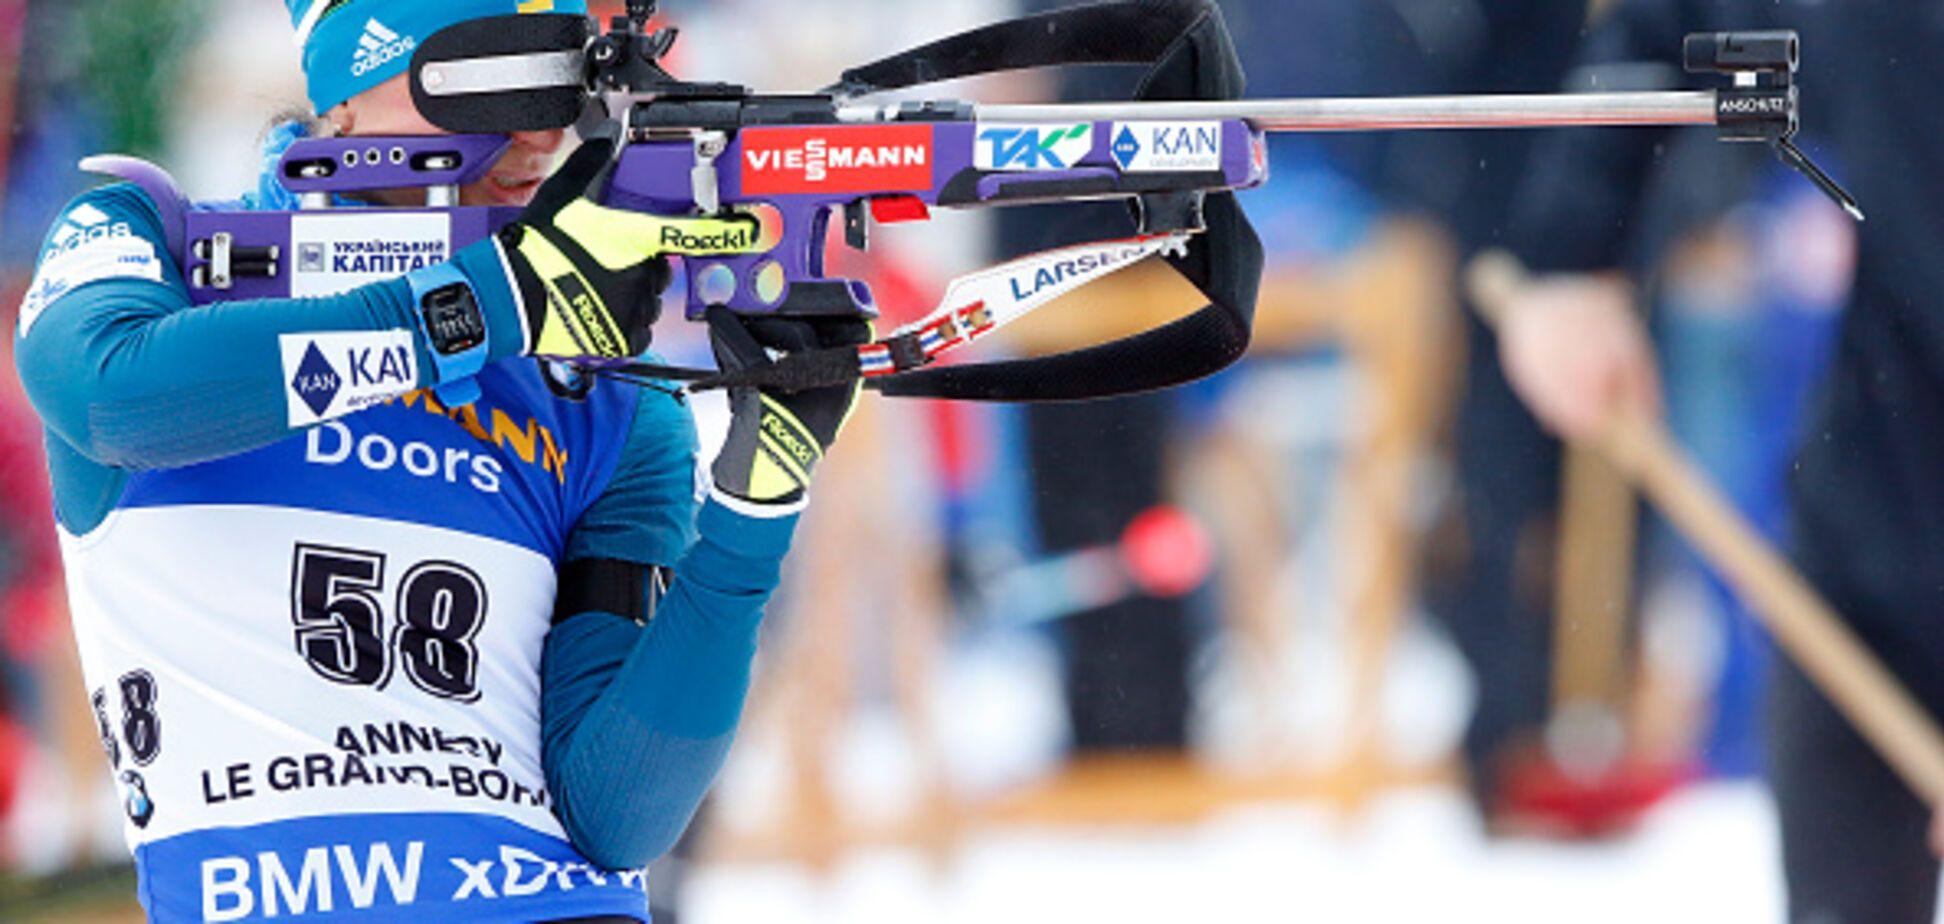 Україна на Кубку світу з біатлону: результати сенсаційного жіночого спринту